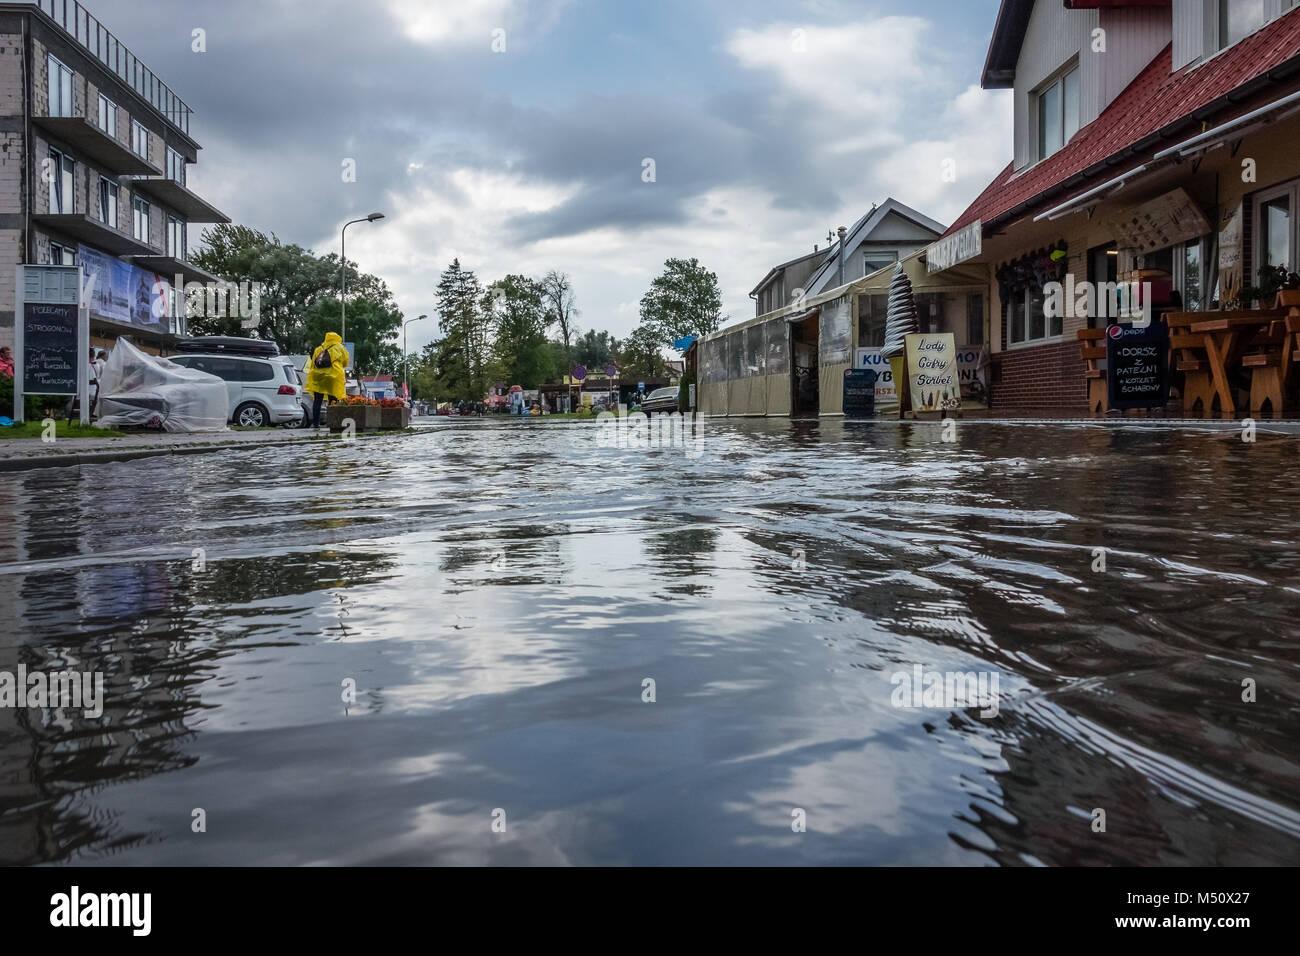 Calle inundada por lluvias torrenciales Imagen De Stock